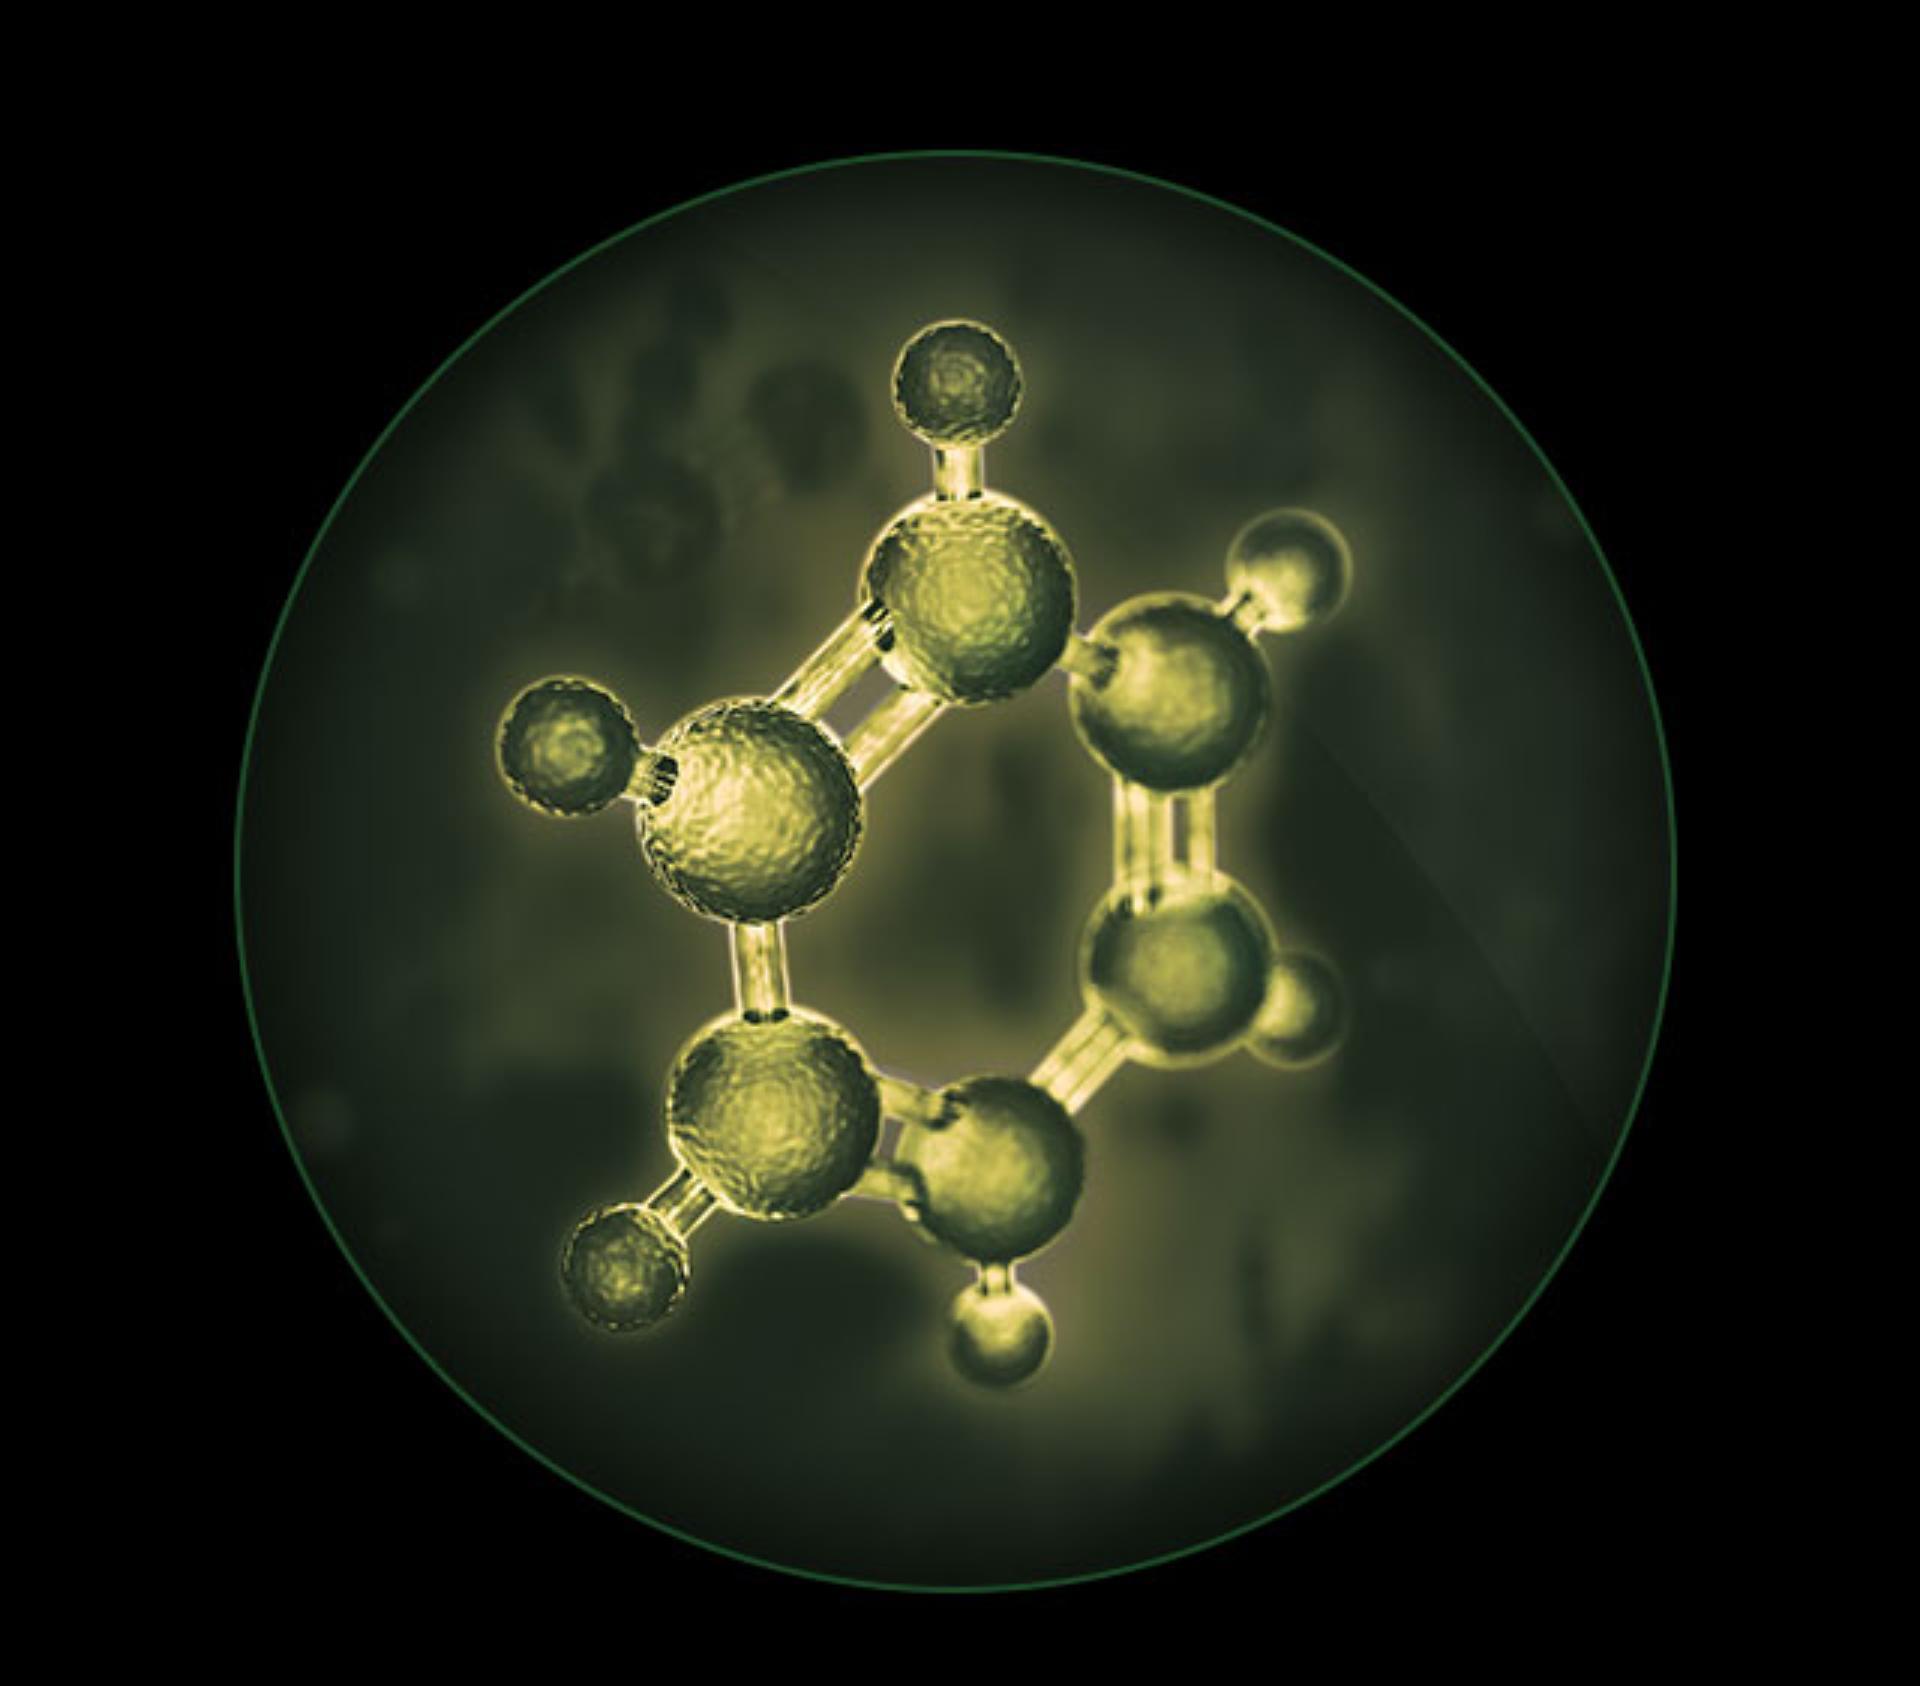 ภาพซูมใกล้ของอนุภาคที่มองด้วยตาเปล่าไม่เห็นและสารก่อภูมิแพ้ที่เป็นอันตราย